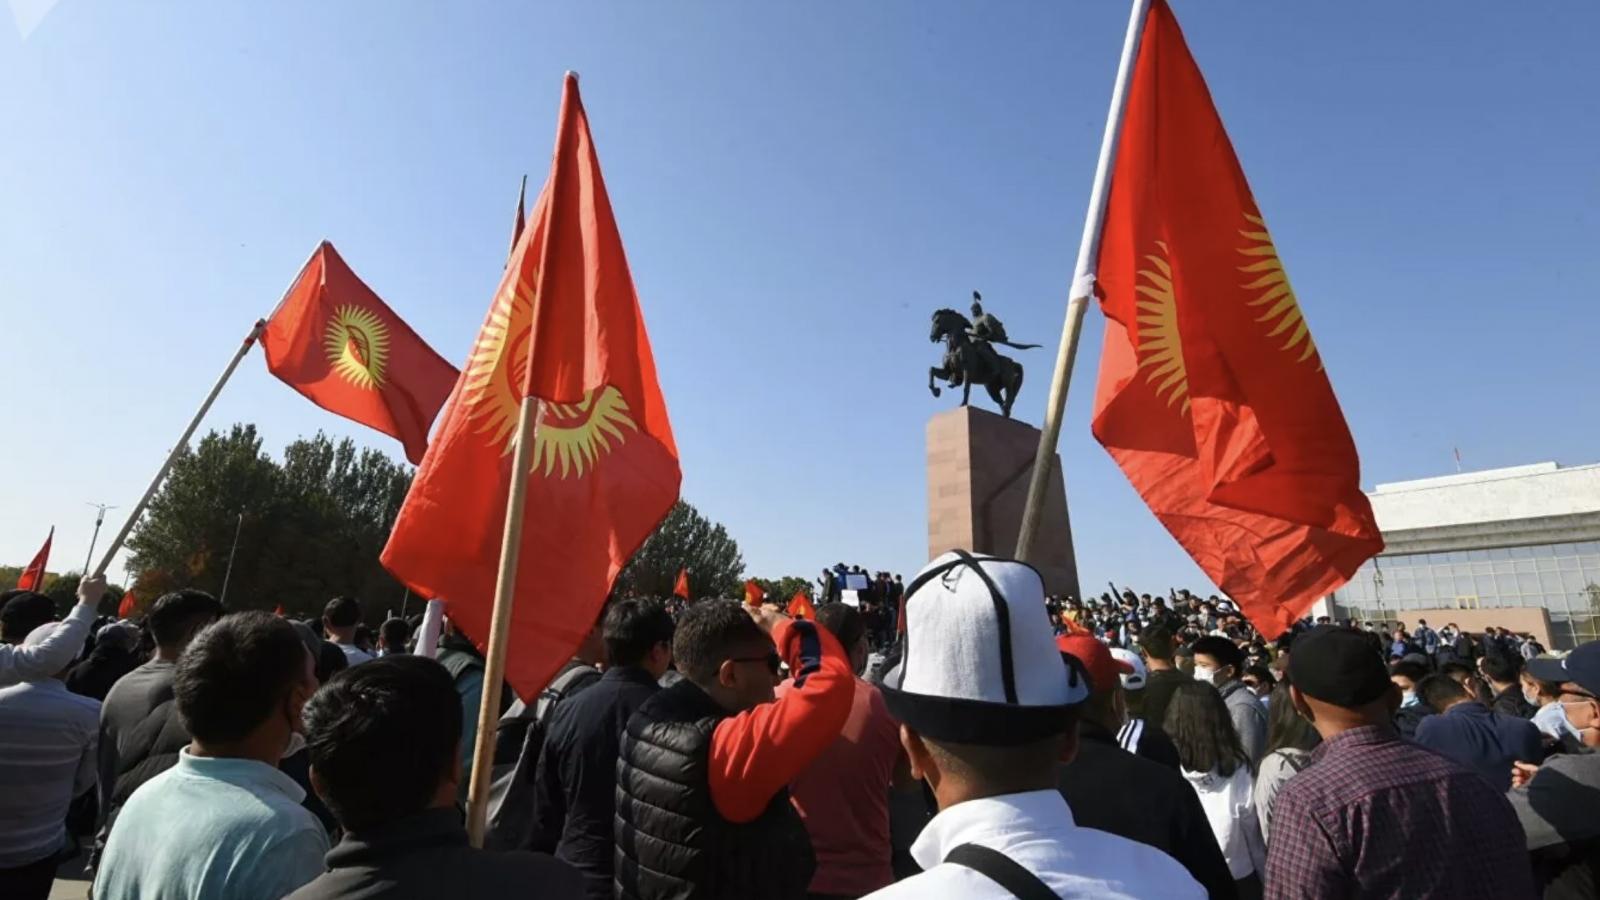 Quốc hội Kyrgyzstan khởi động thủ tục luận tội Tổng thống